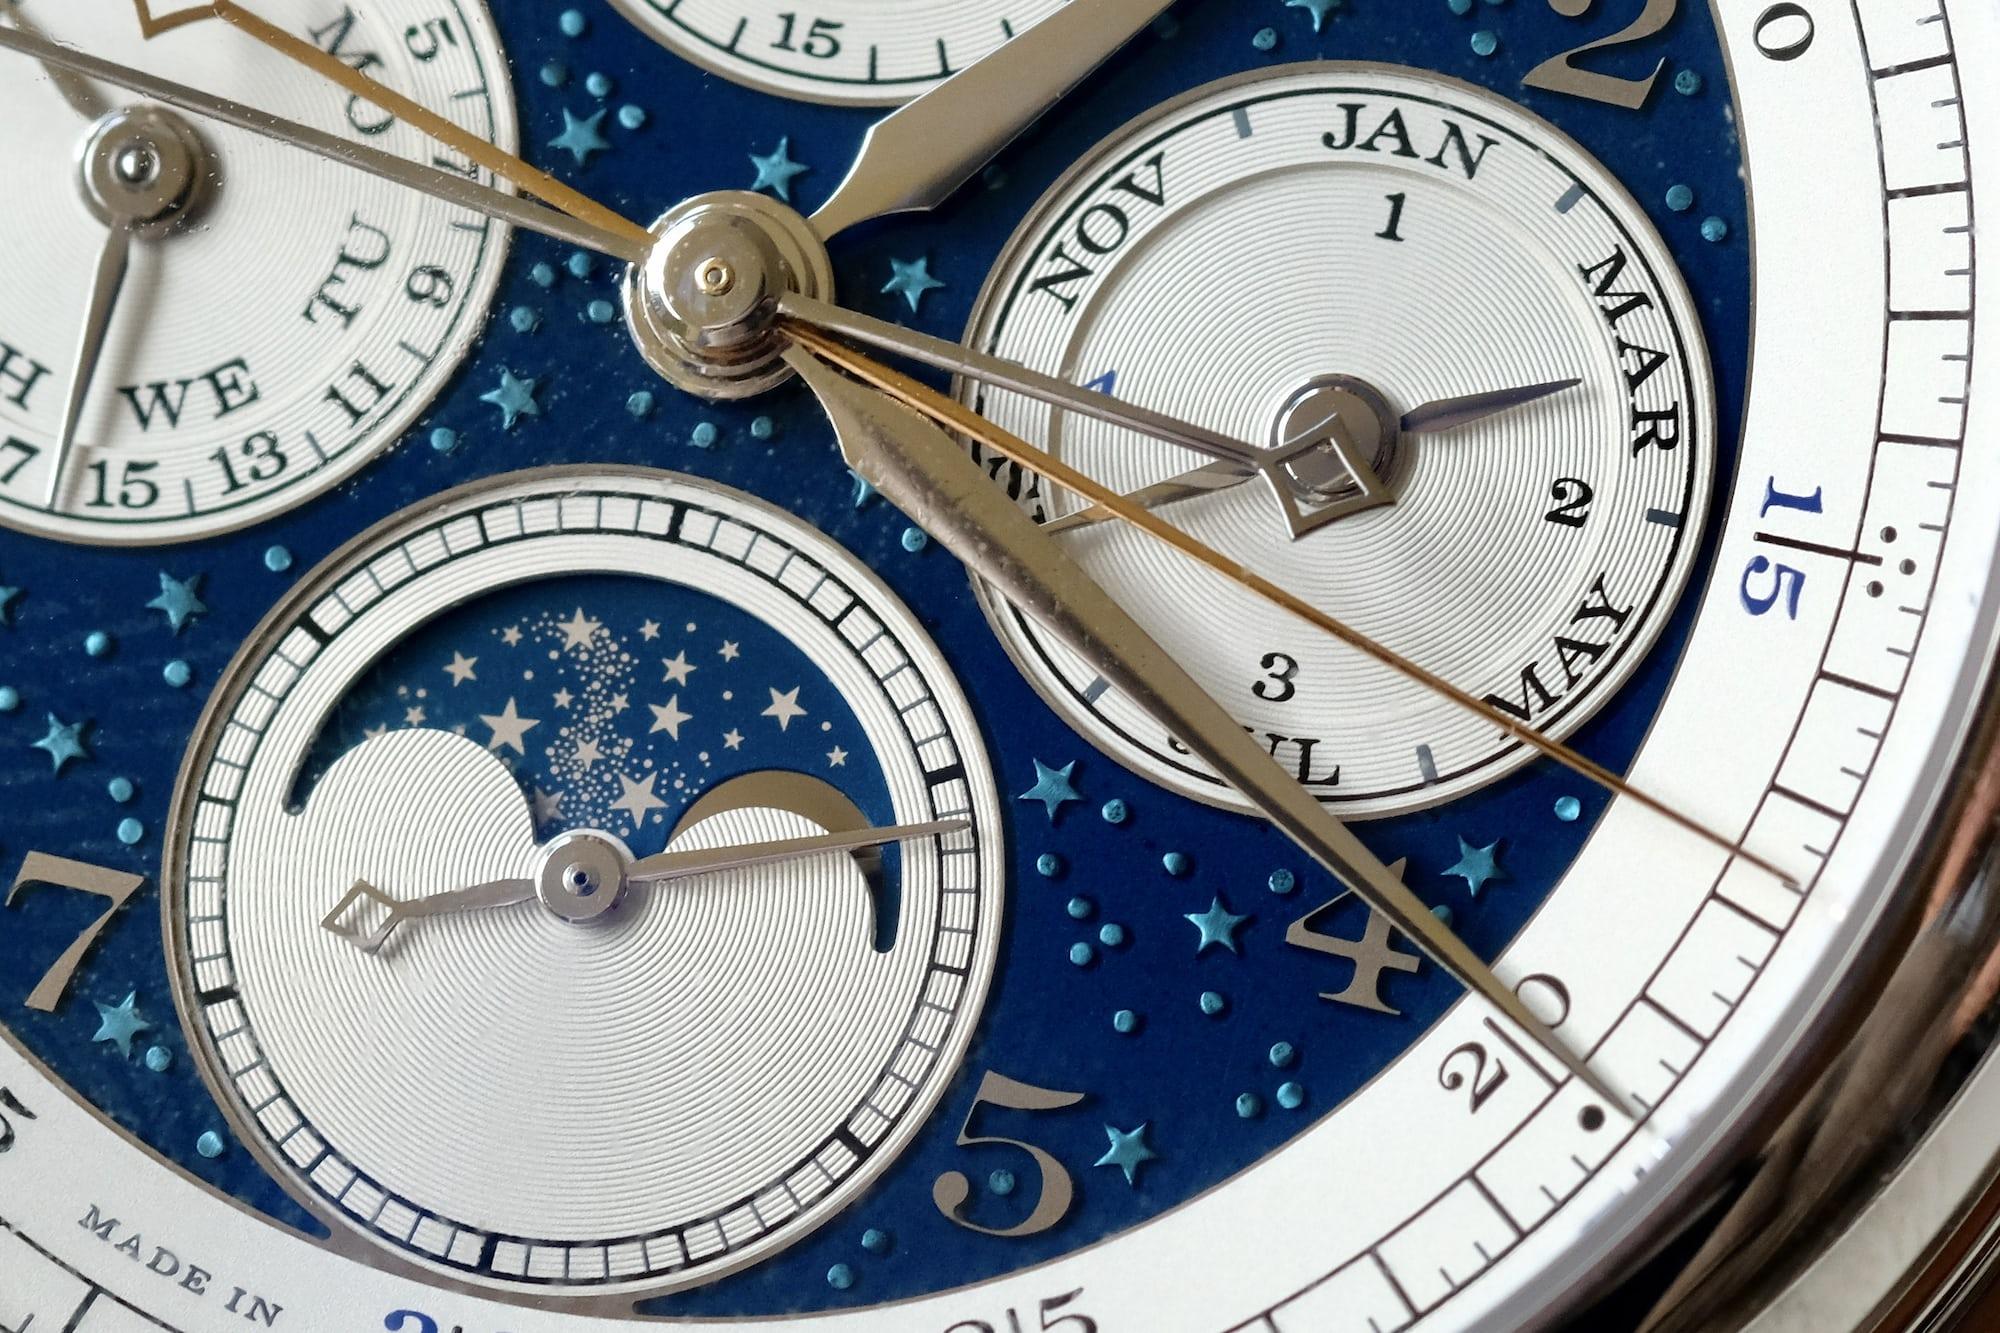 1815 Rattrapante Perpetual Calendar Handwerkskunst moonphase